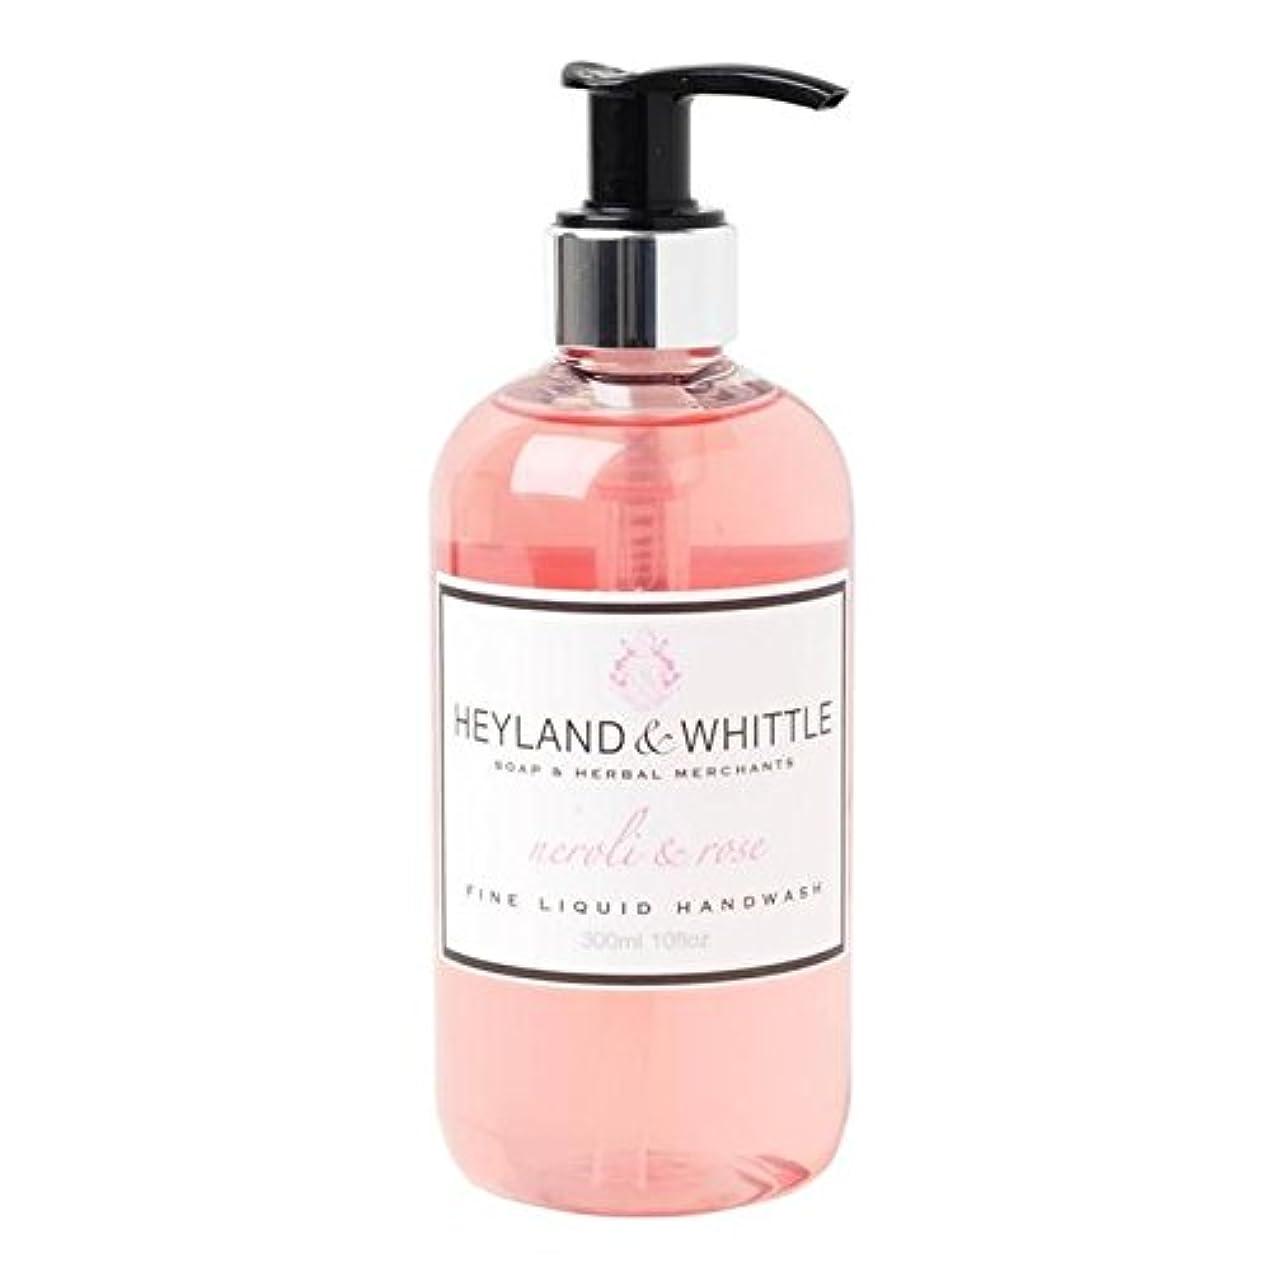 会話筋現代の&削るネロリ&手洗いの300ミリリットルをバラ x2 - Heyland & Whittle Neroli & Rose Handwash 300ml (Pack of 2) [並行輸入品]